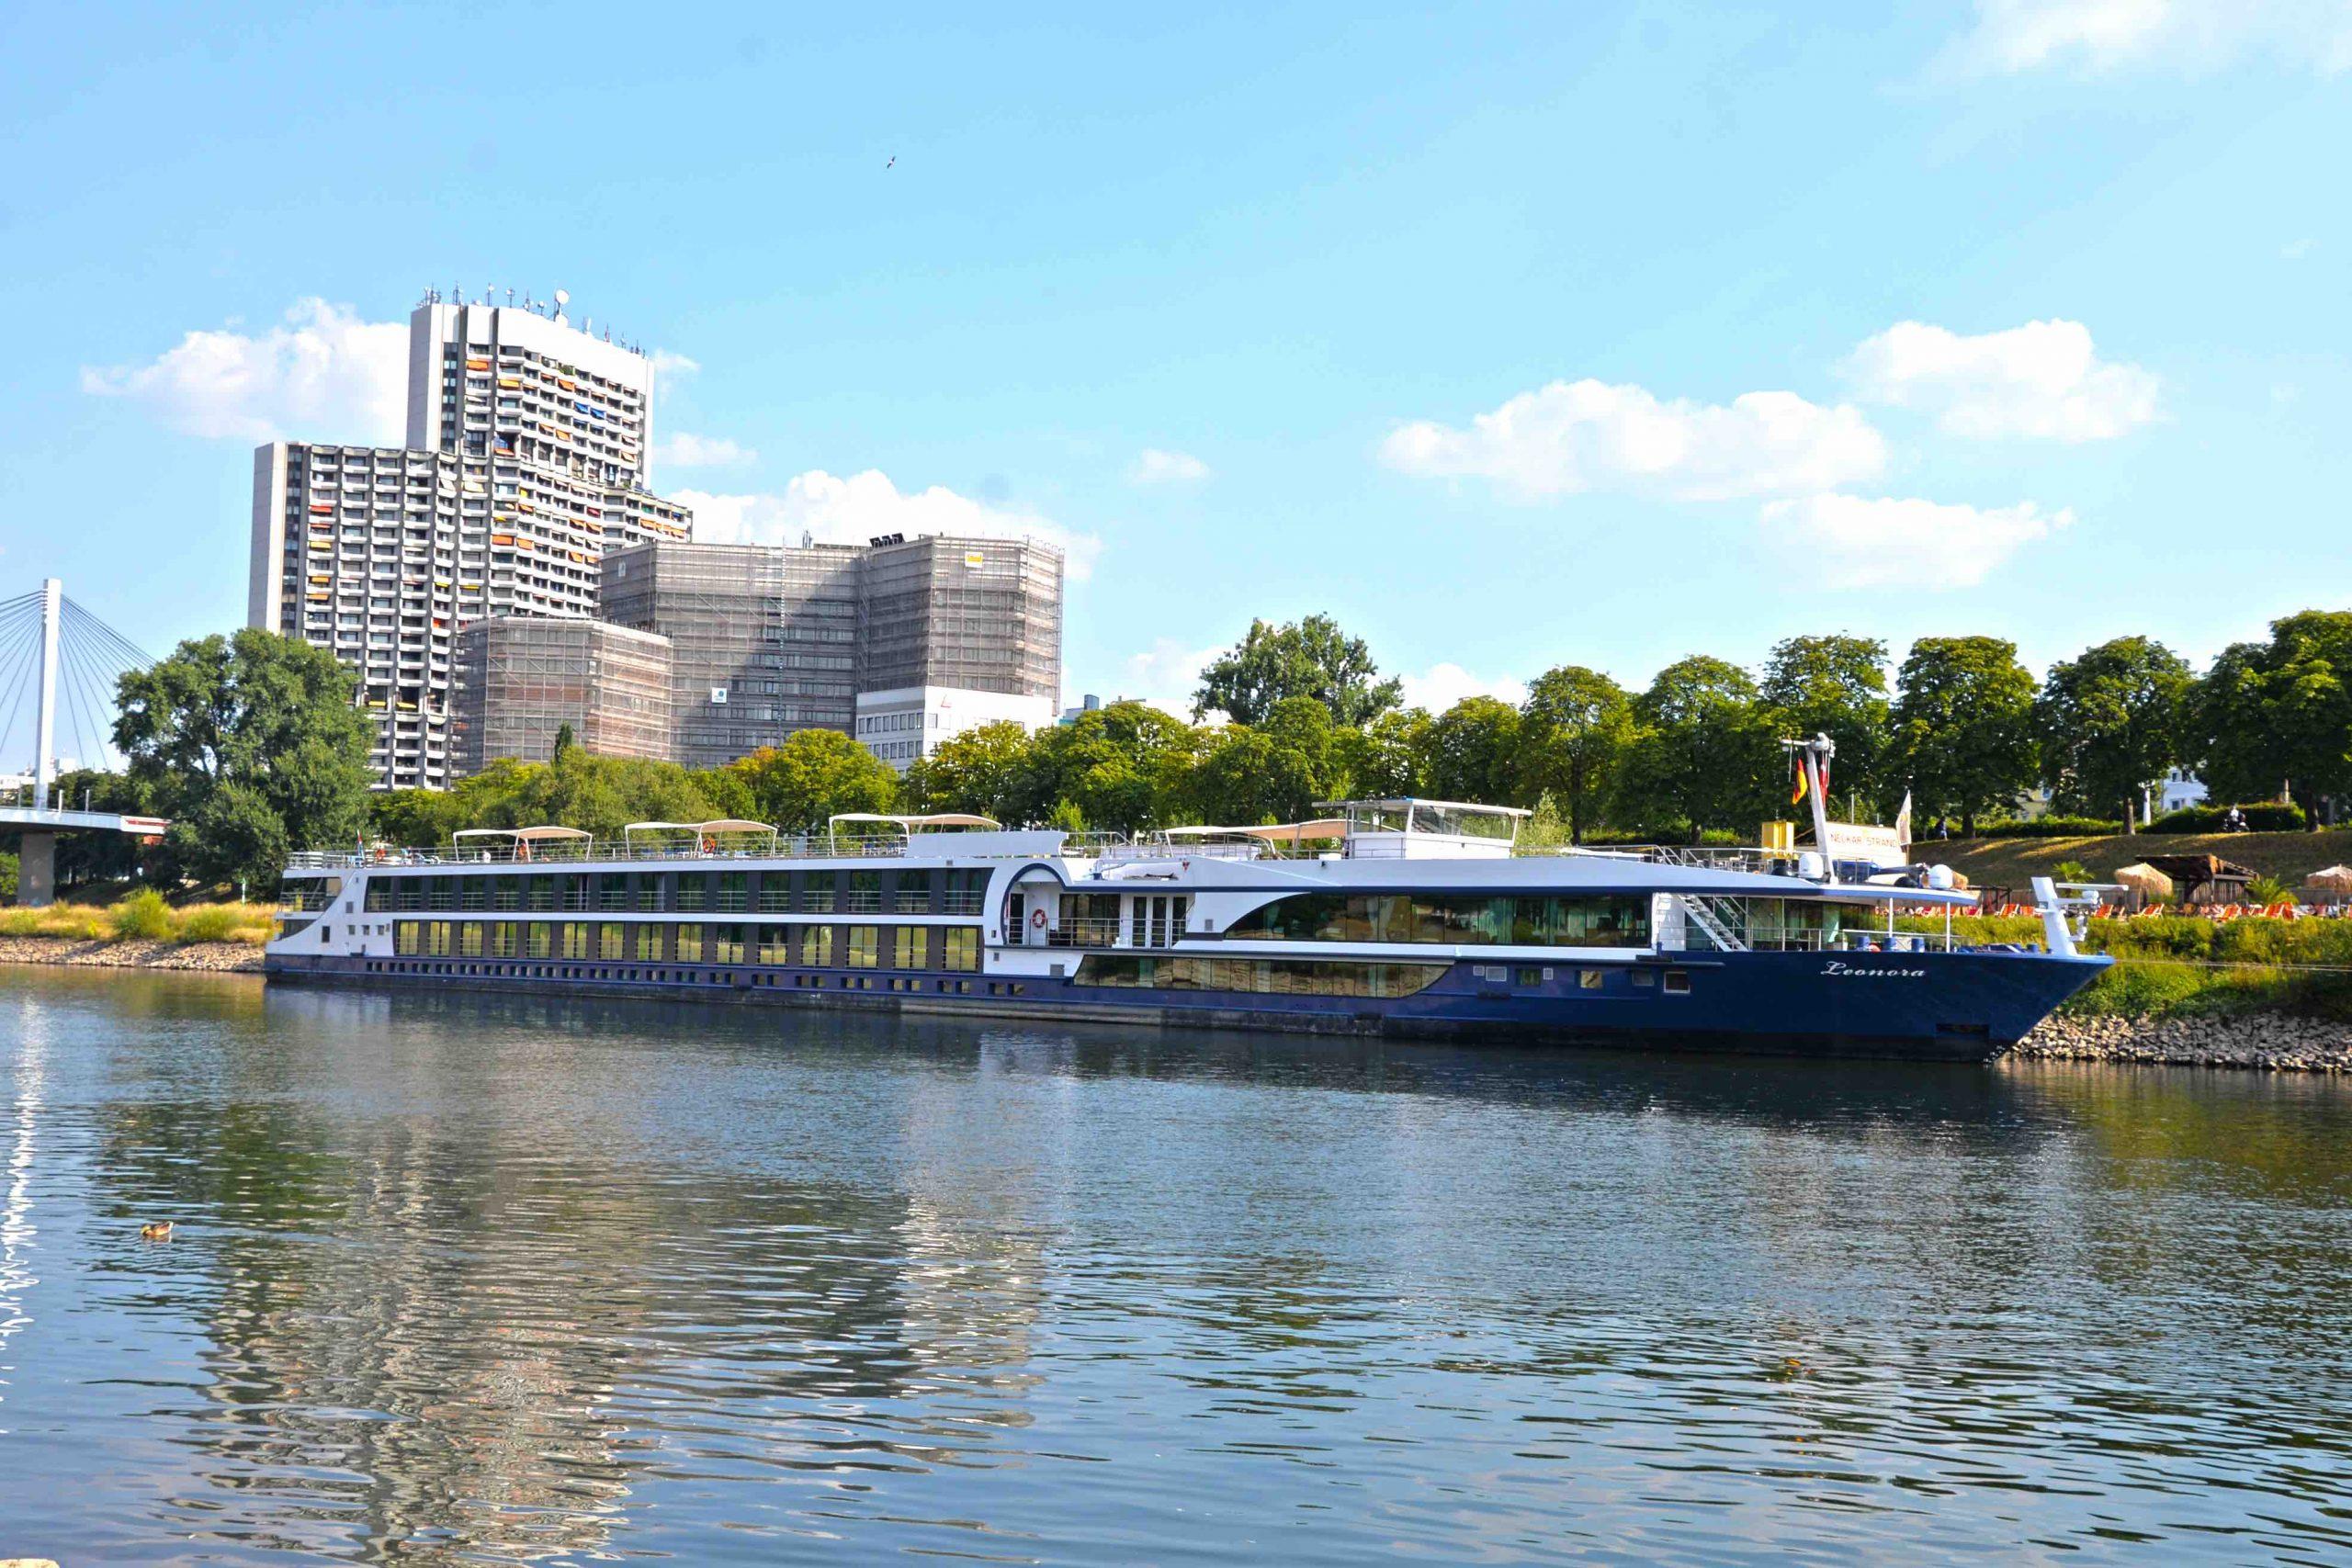 Krydstogt på Rhinen